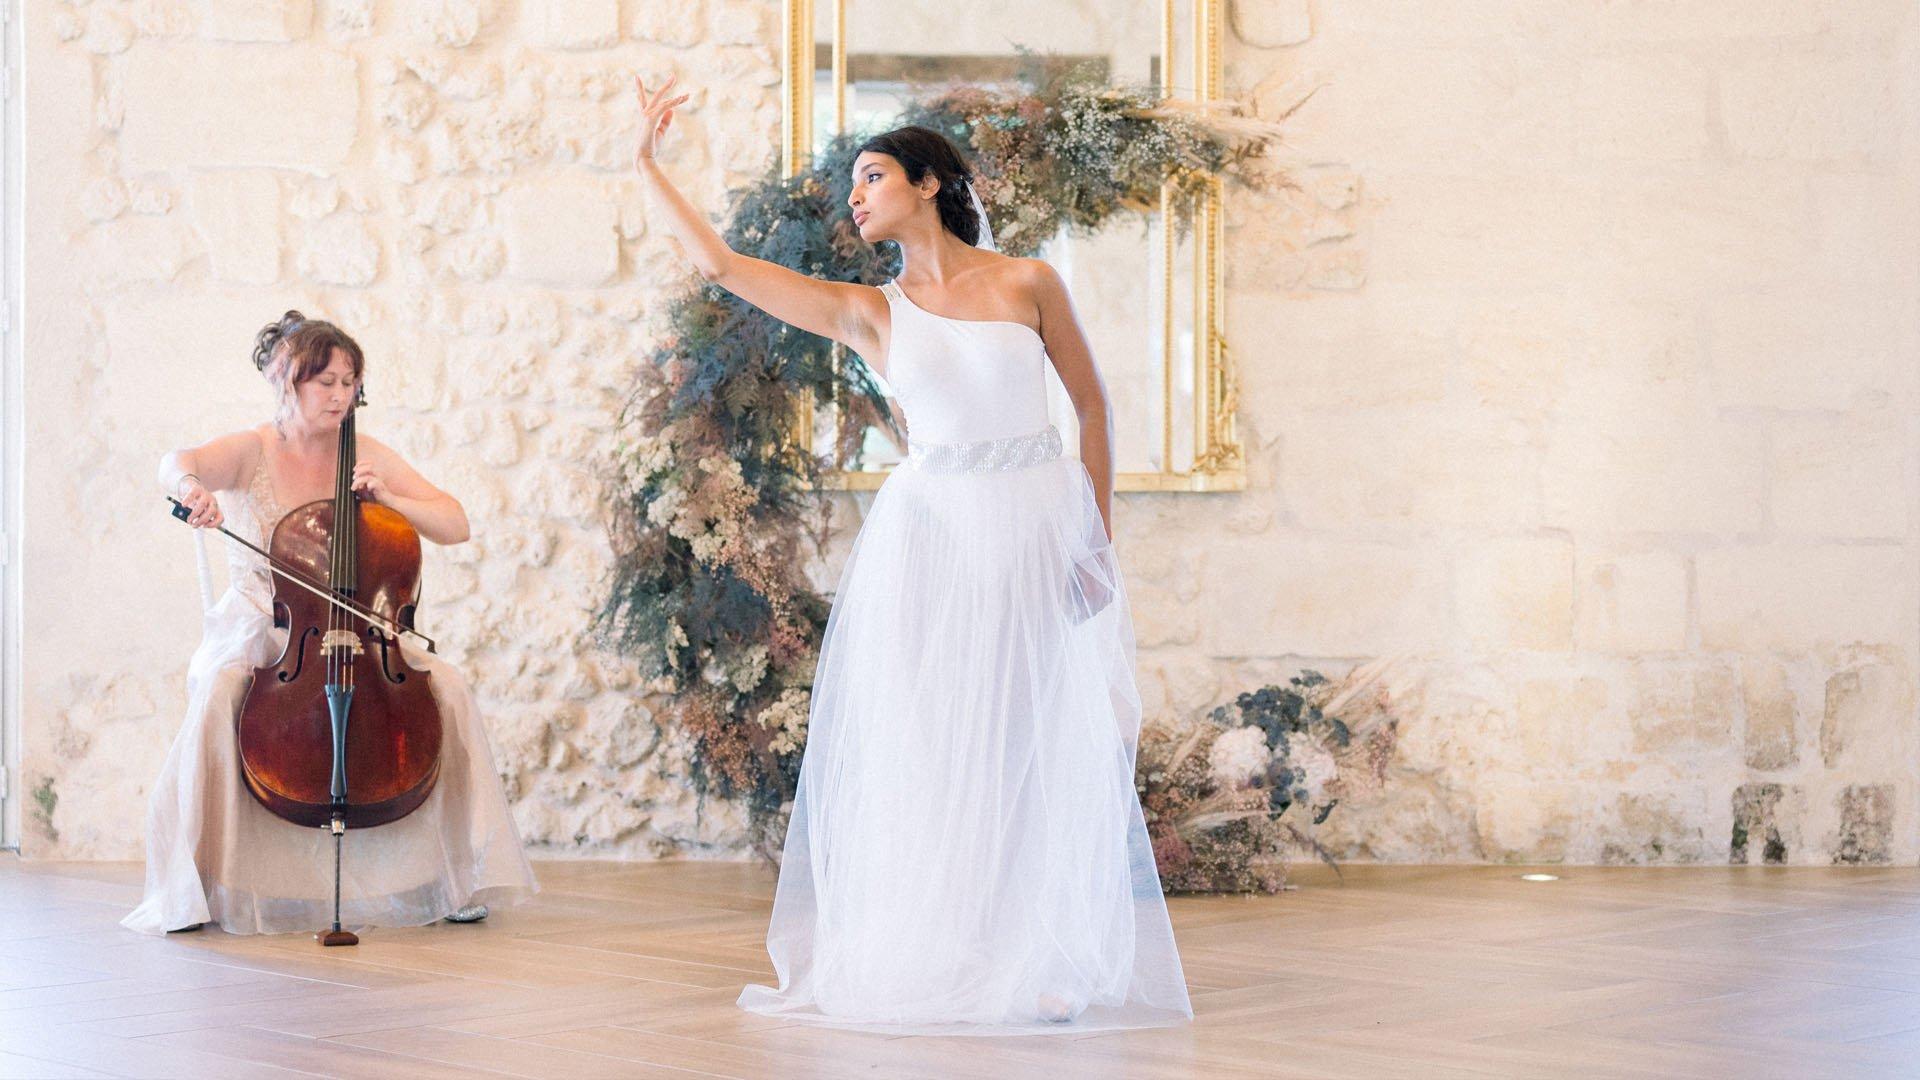 Danseuse white tulle skirt